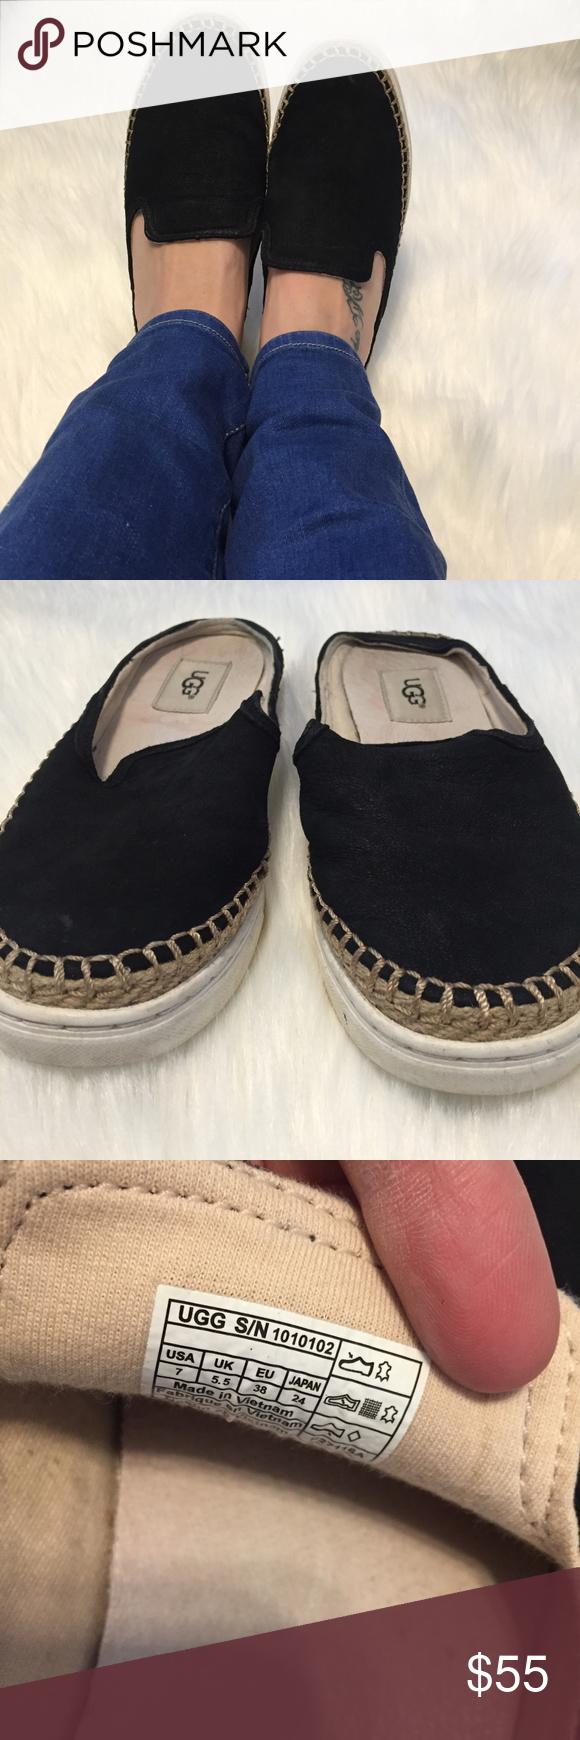 59264a95308 Ugg 7 Black Suede Caleel Slip On Sneaker Slides Ugg Women's 7 Black ...